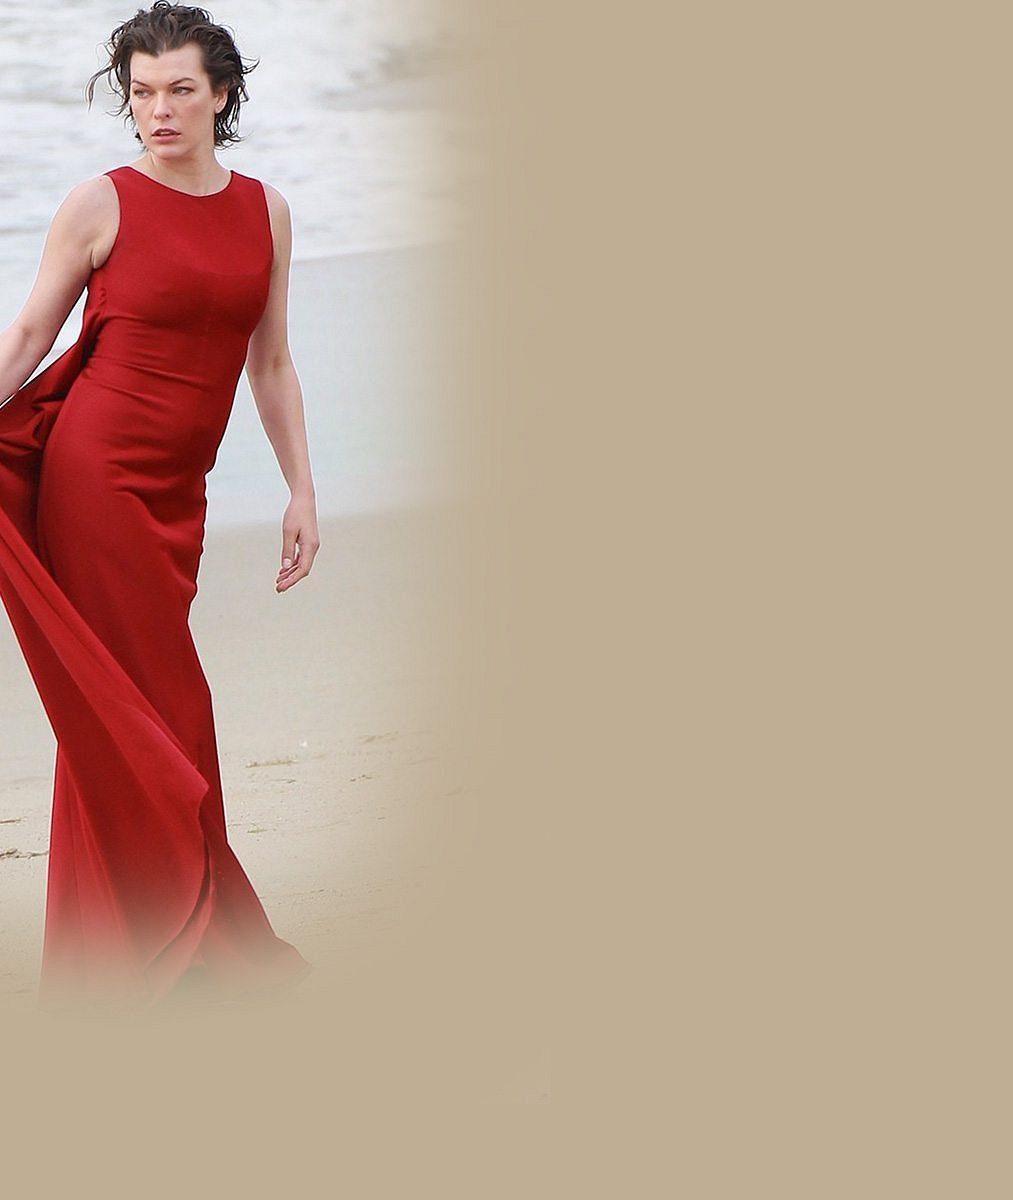 Johanka z Arku Milla Jovovich (40) oprášila profesi modelky. Může ještě konkurovat mladším?